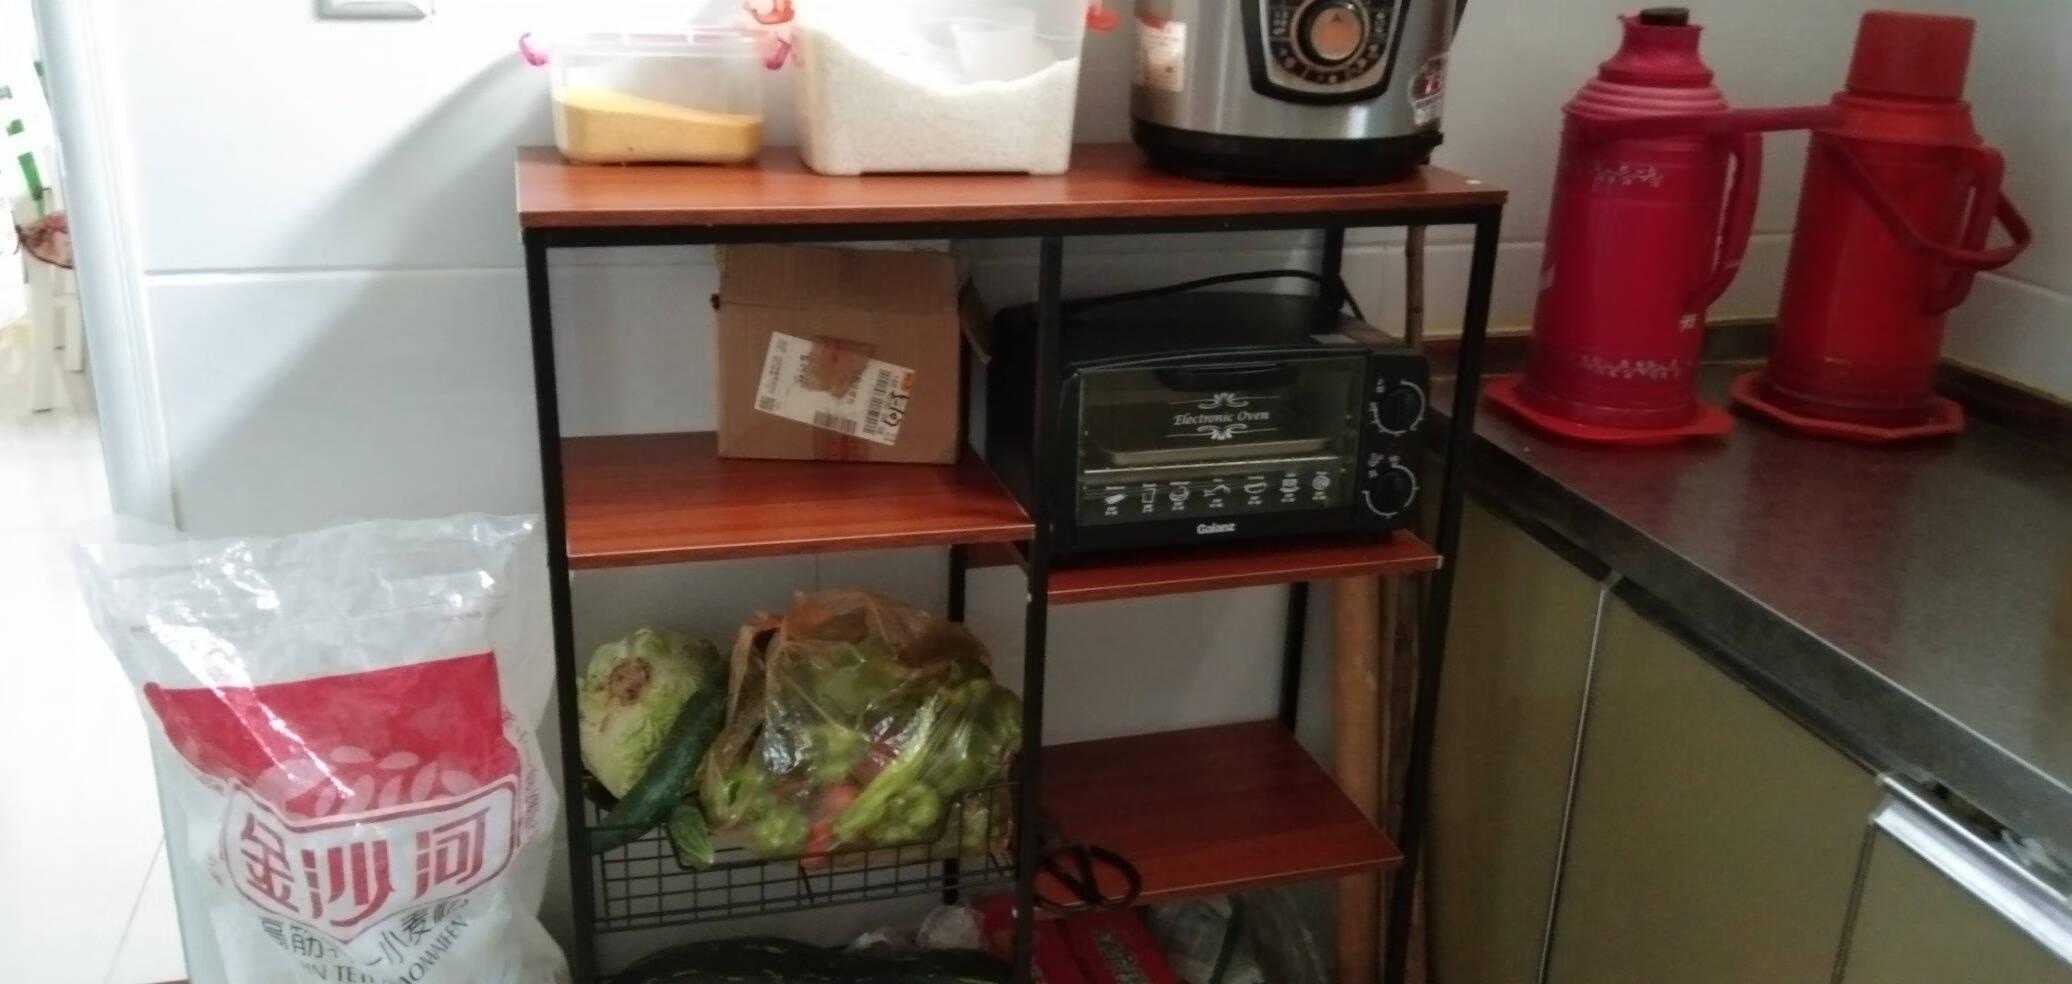 众淘厨房置物架落地微波炉烤箱多层家用货架碗柜蔬菜篮架储物收纳架子四层80*30*101CM古檀木黑架